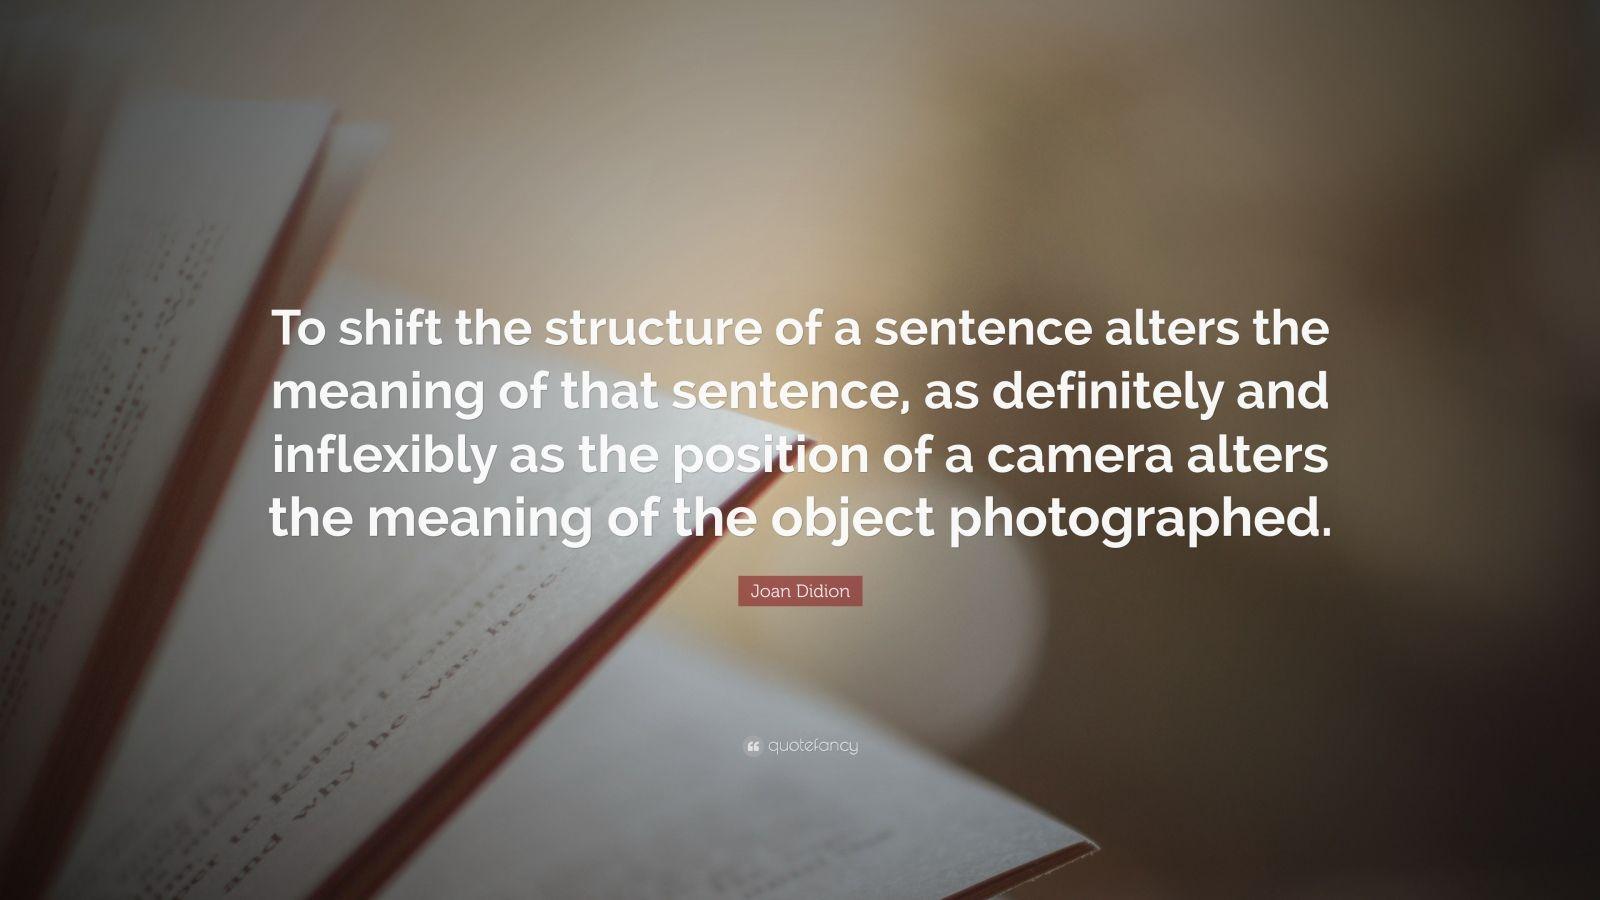 Sentence rearranger